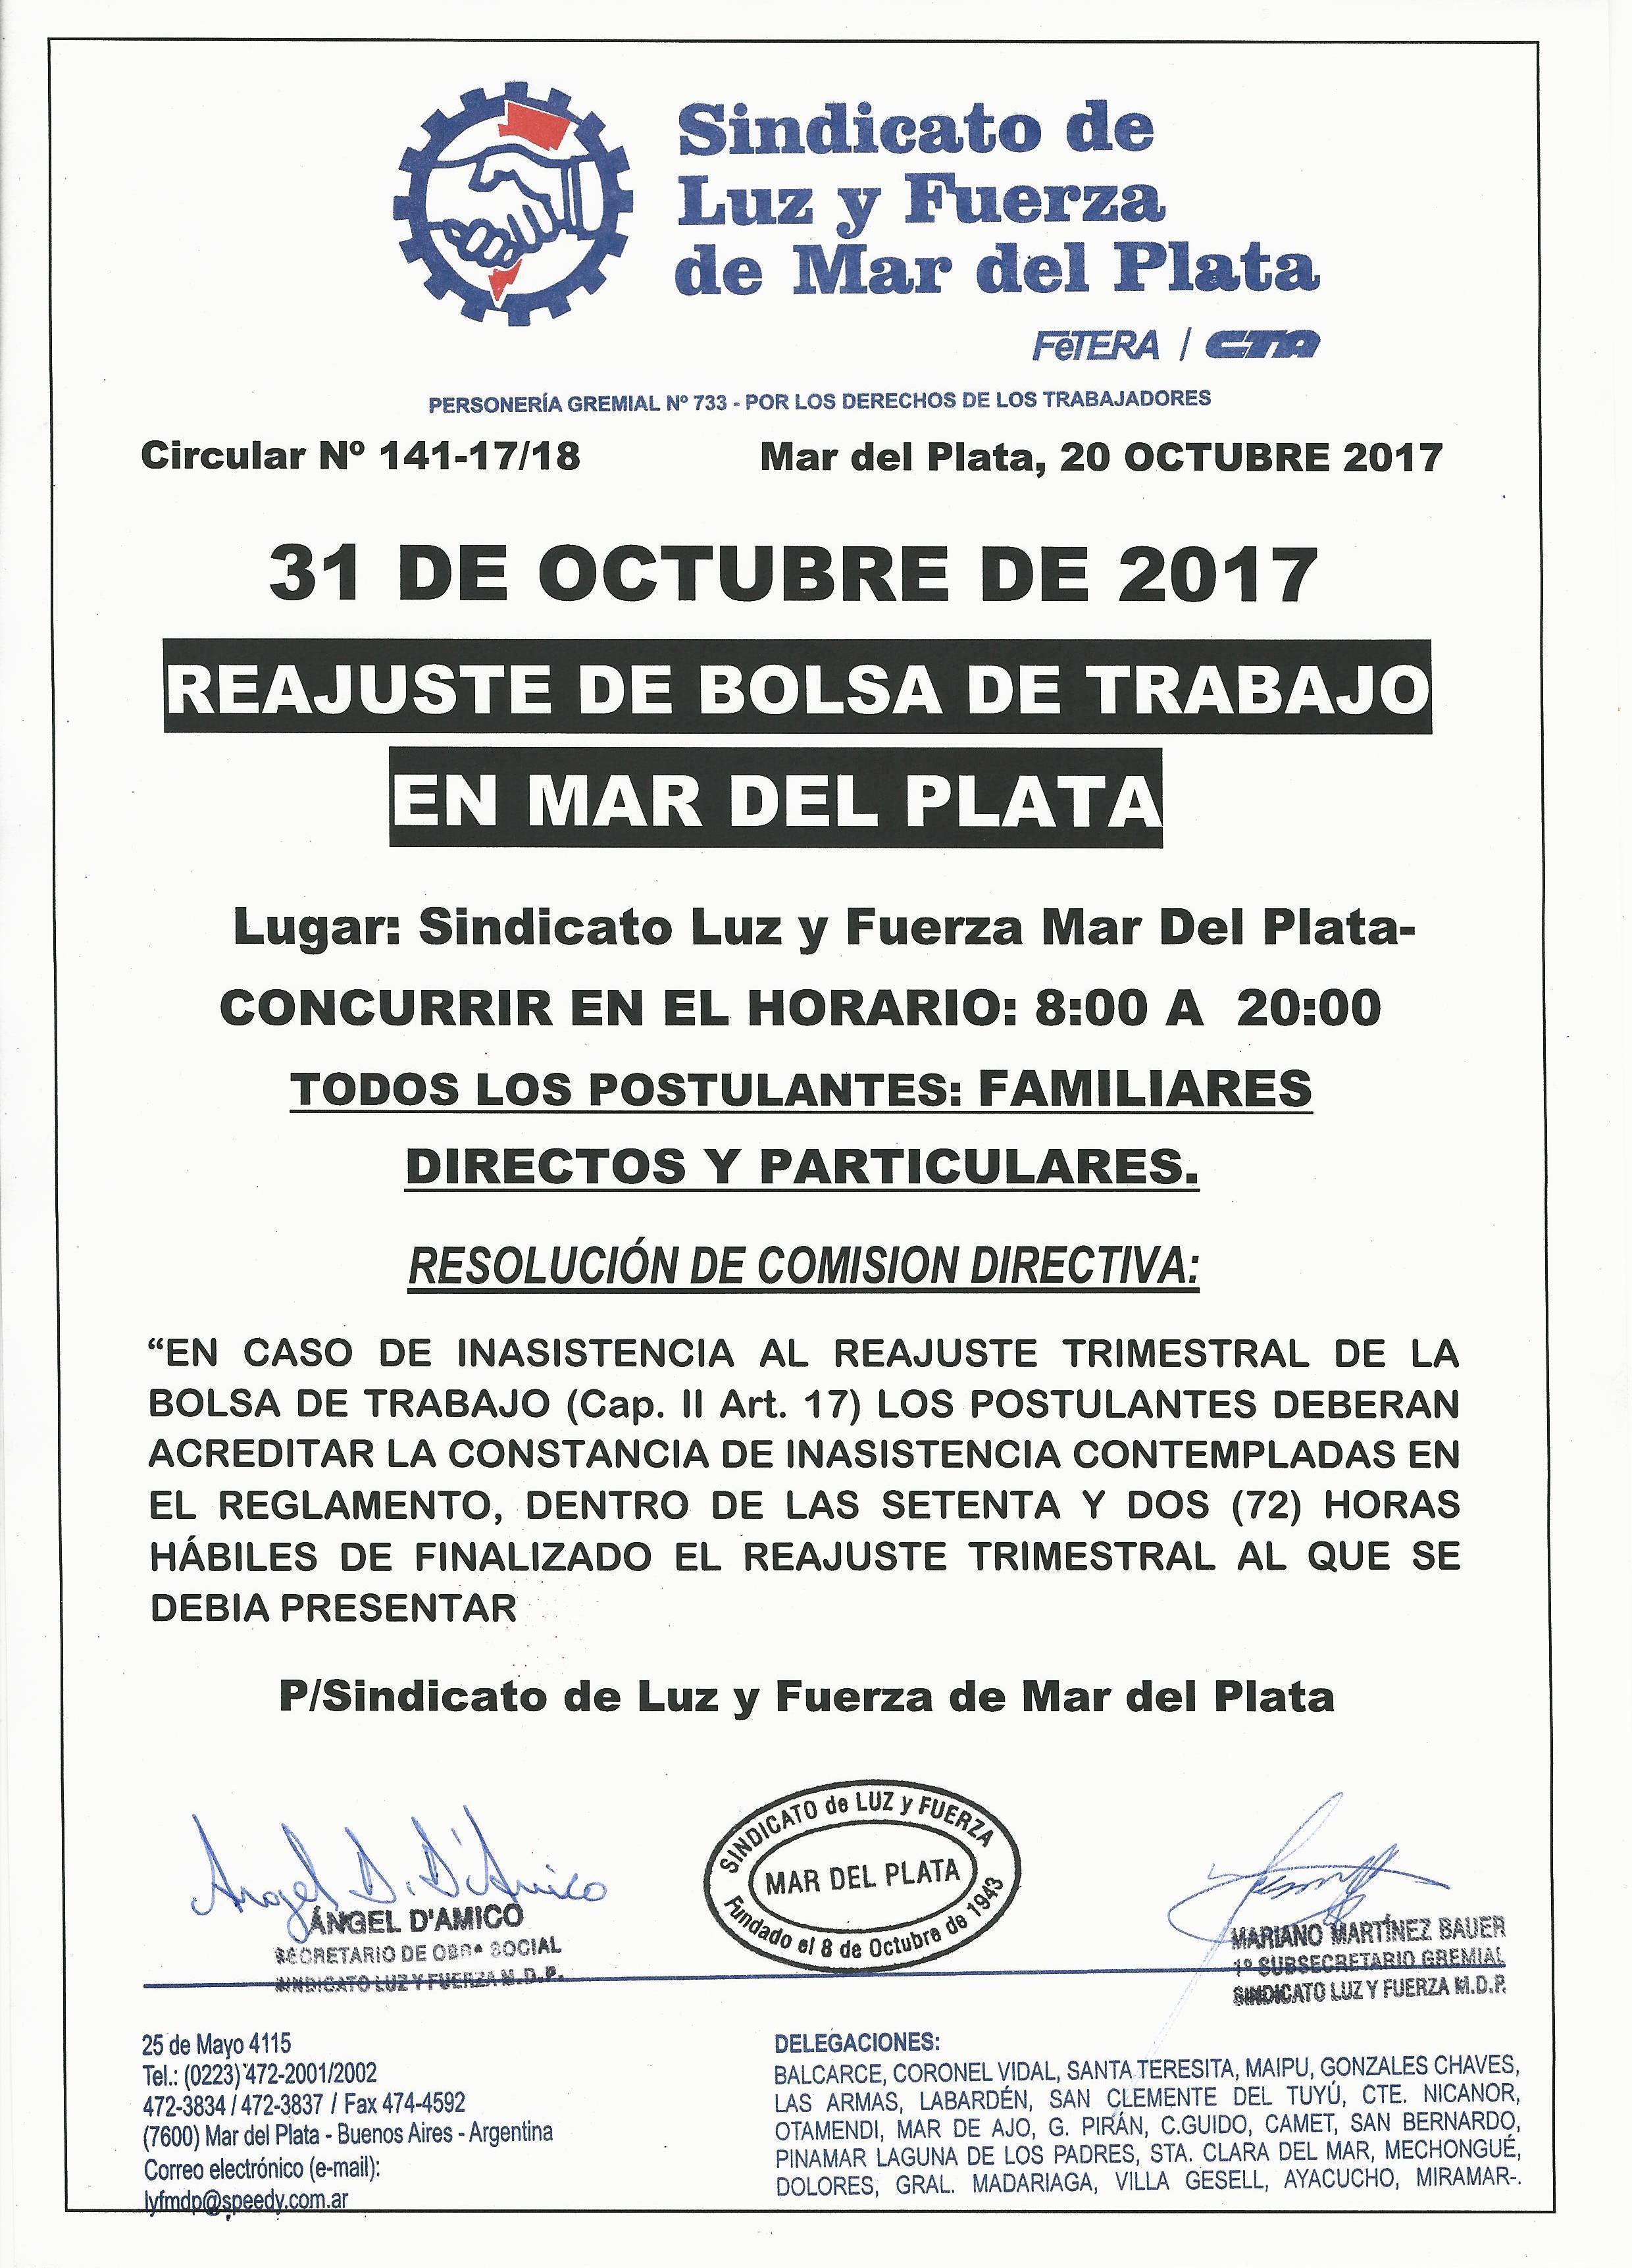 31 de octubre: REAJUSTE BOLSA TRABAJO MdP